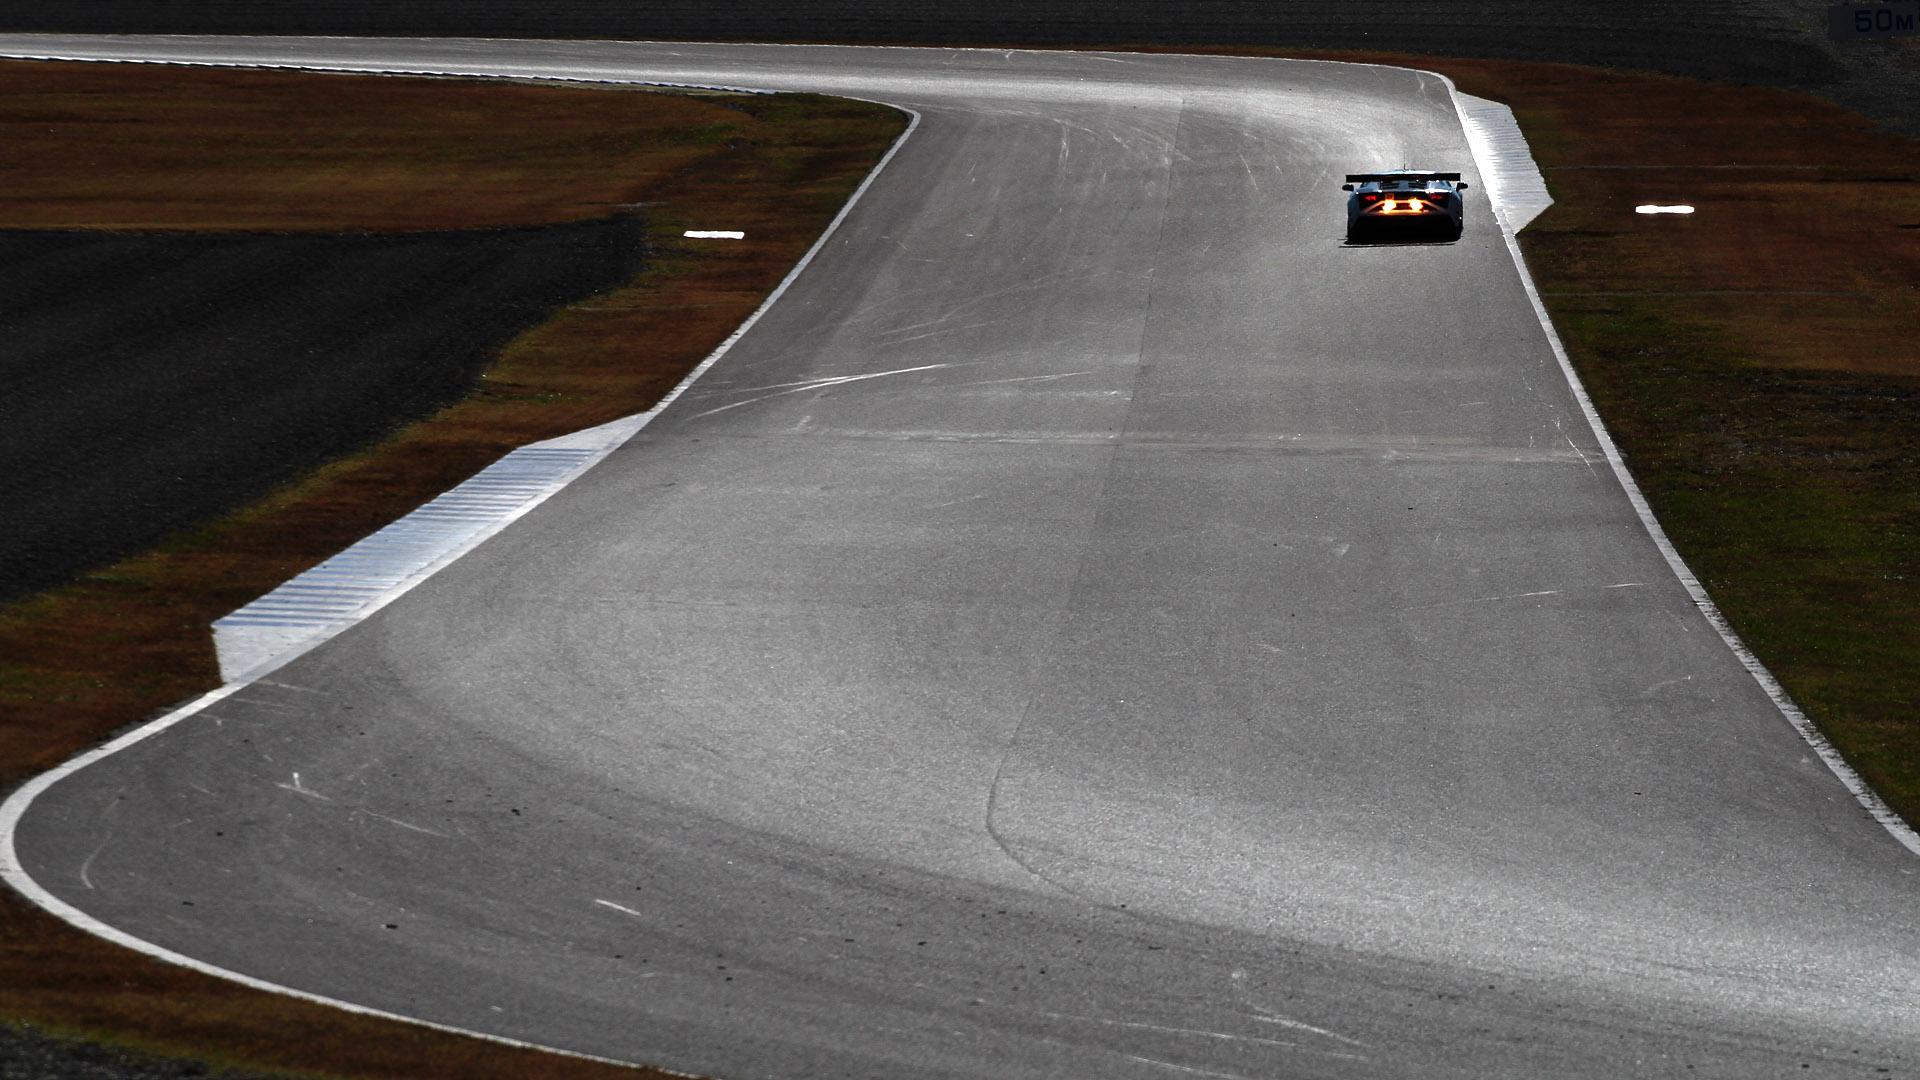 昨年11月のSUPER GTで金網の目の前の報道エリアから撮影。秋の午前中は逆光がレコードラインに反射する